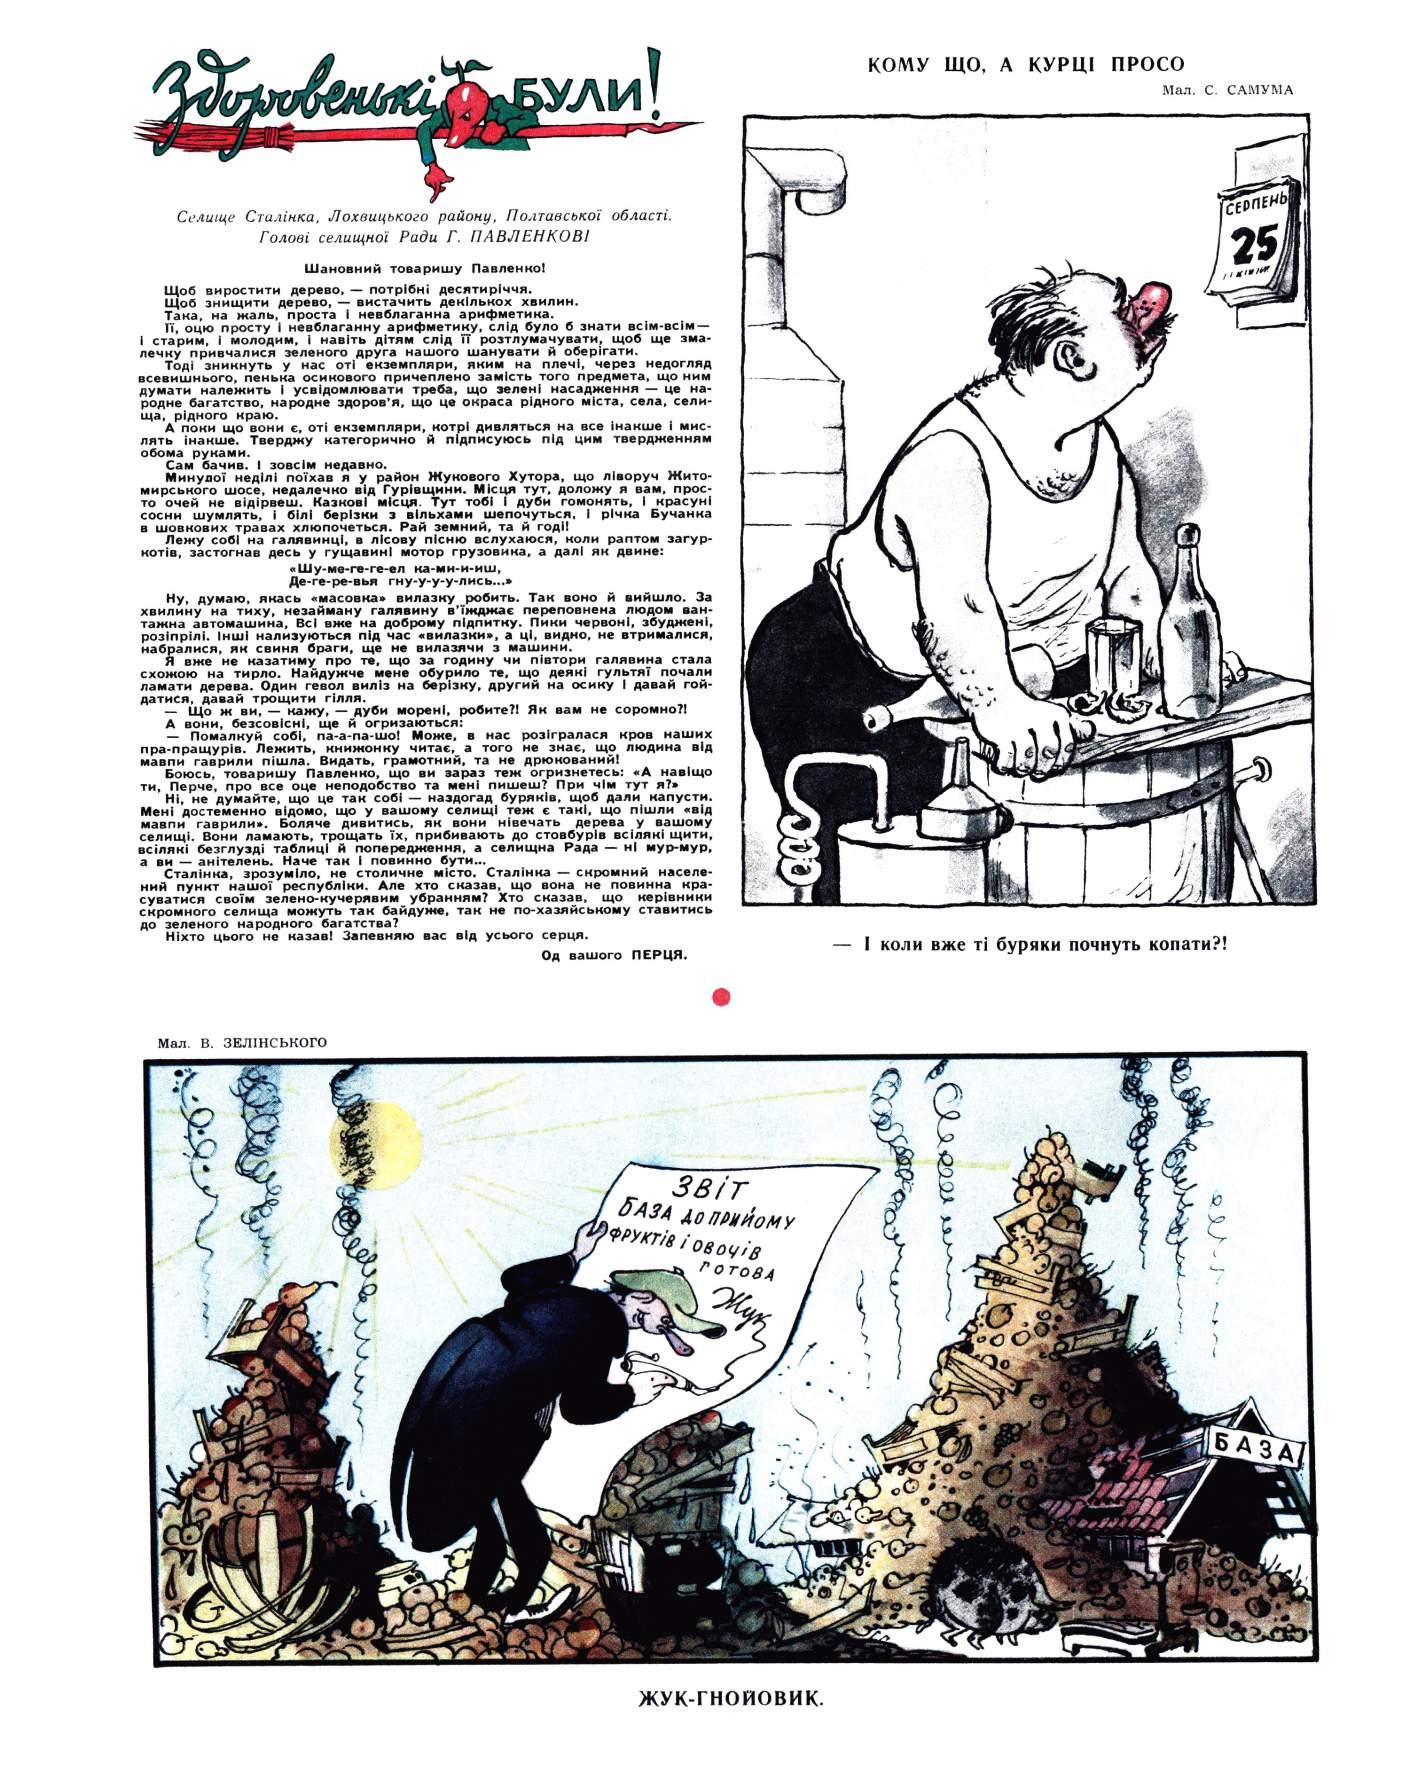 Журнал перець 1958 №16